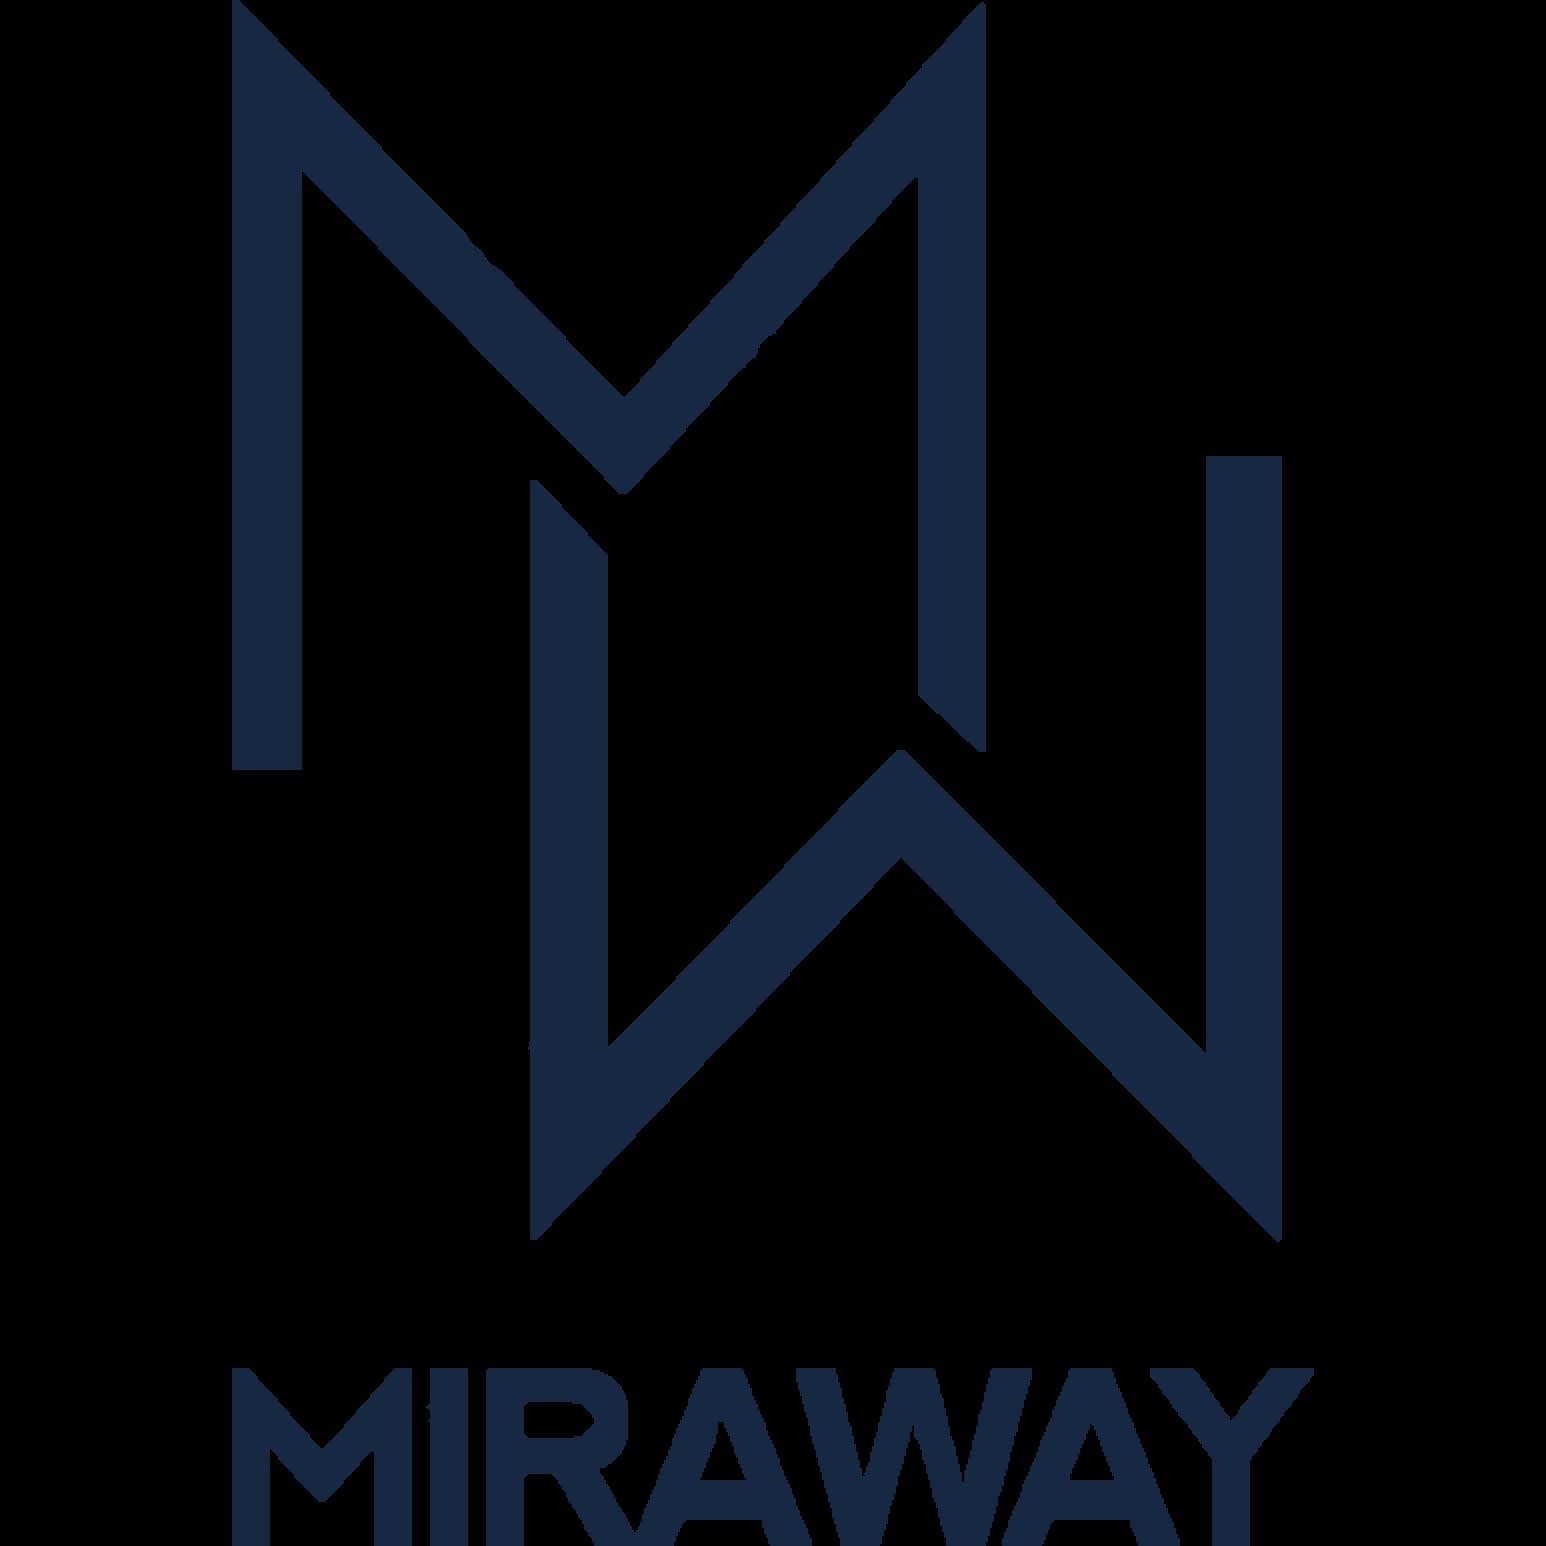 Miraway